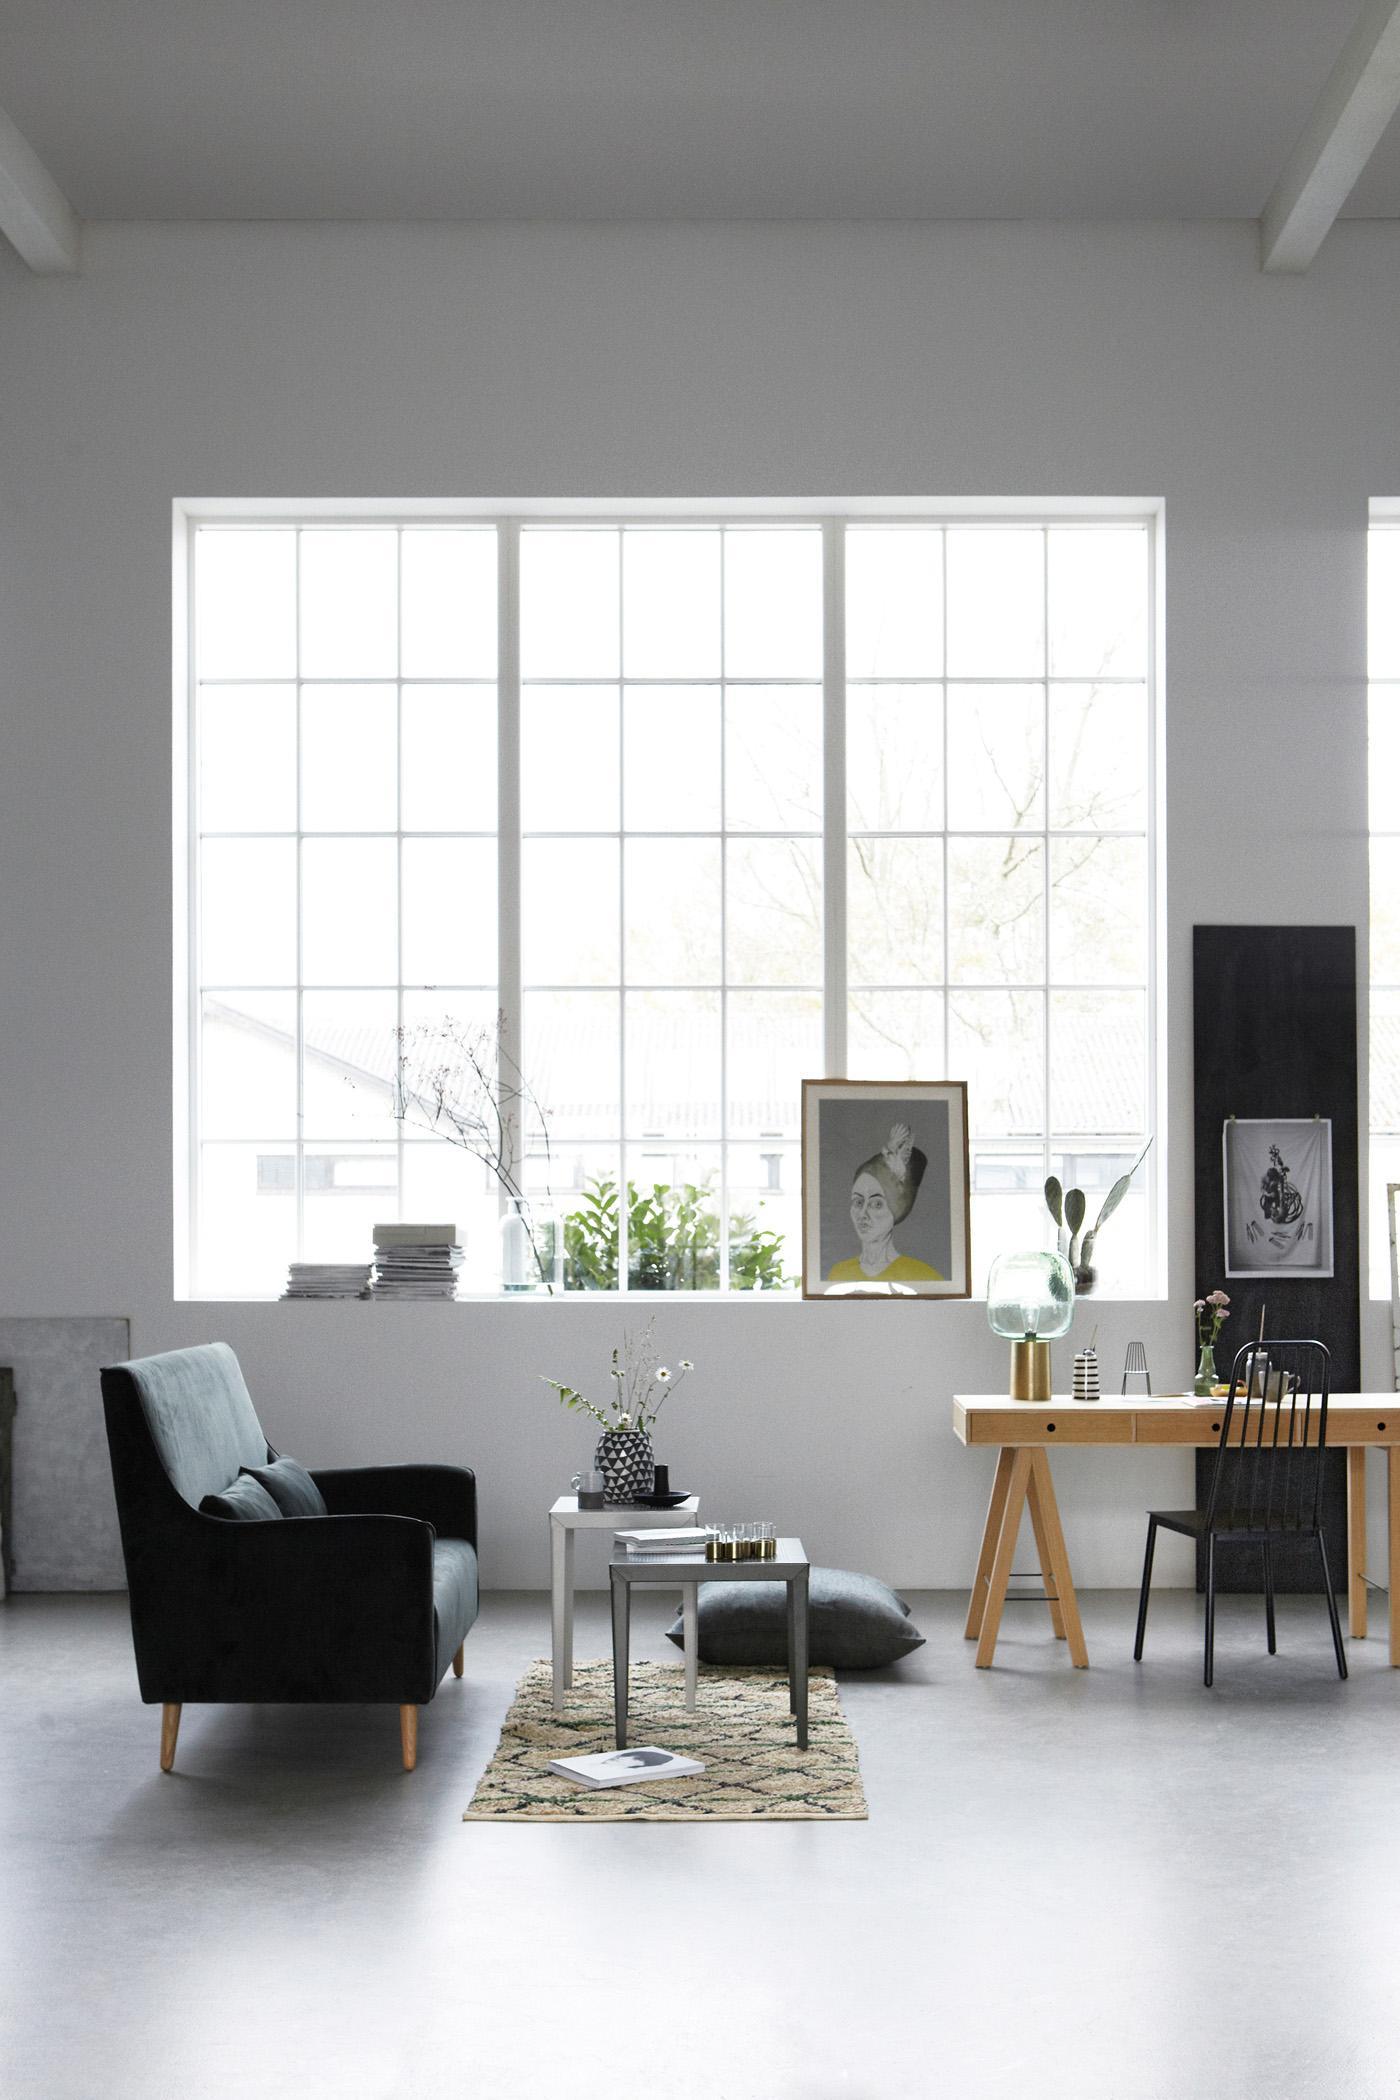 Wohnzimmer Mit Hoher Decke Einrichten #stuhl #fensterfront #beistelltisch  #schreibtisch #teppich #